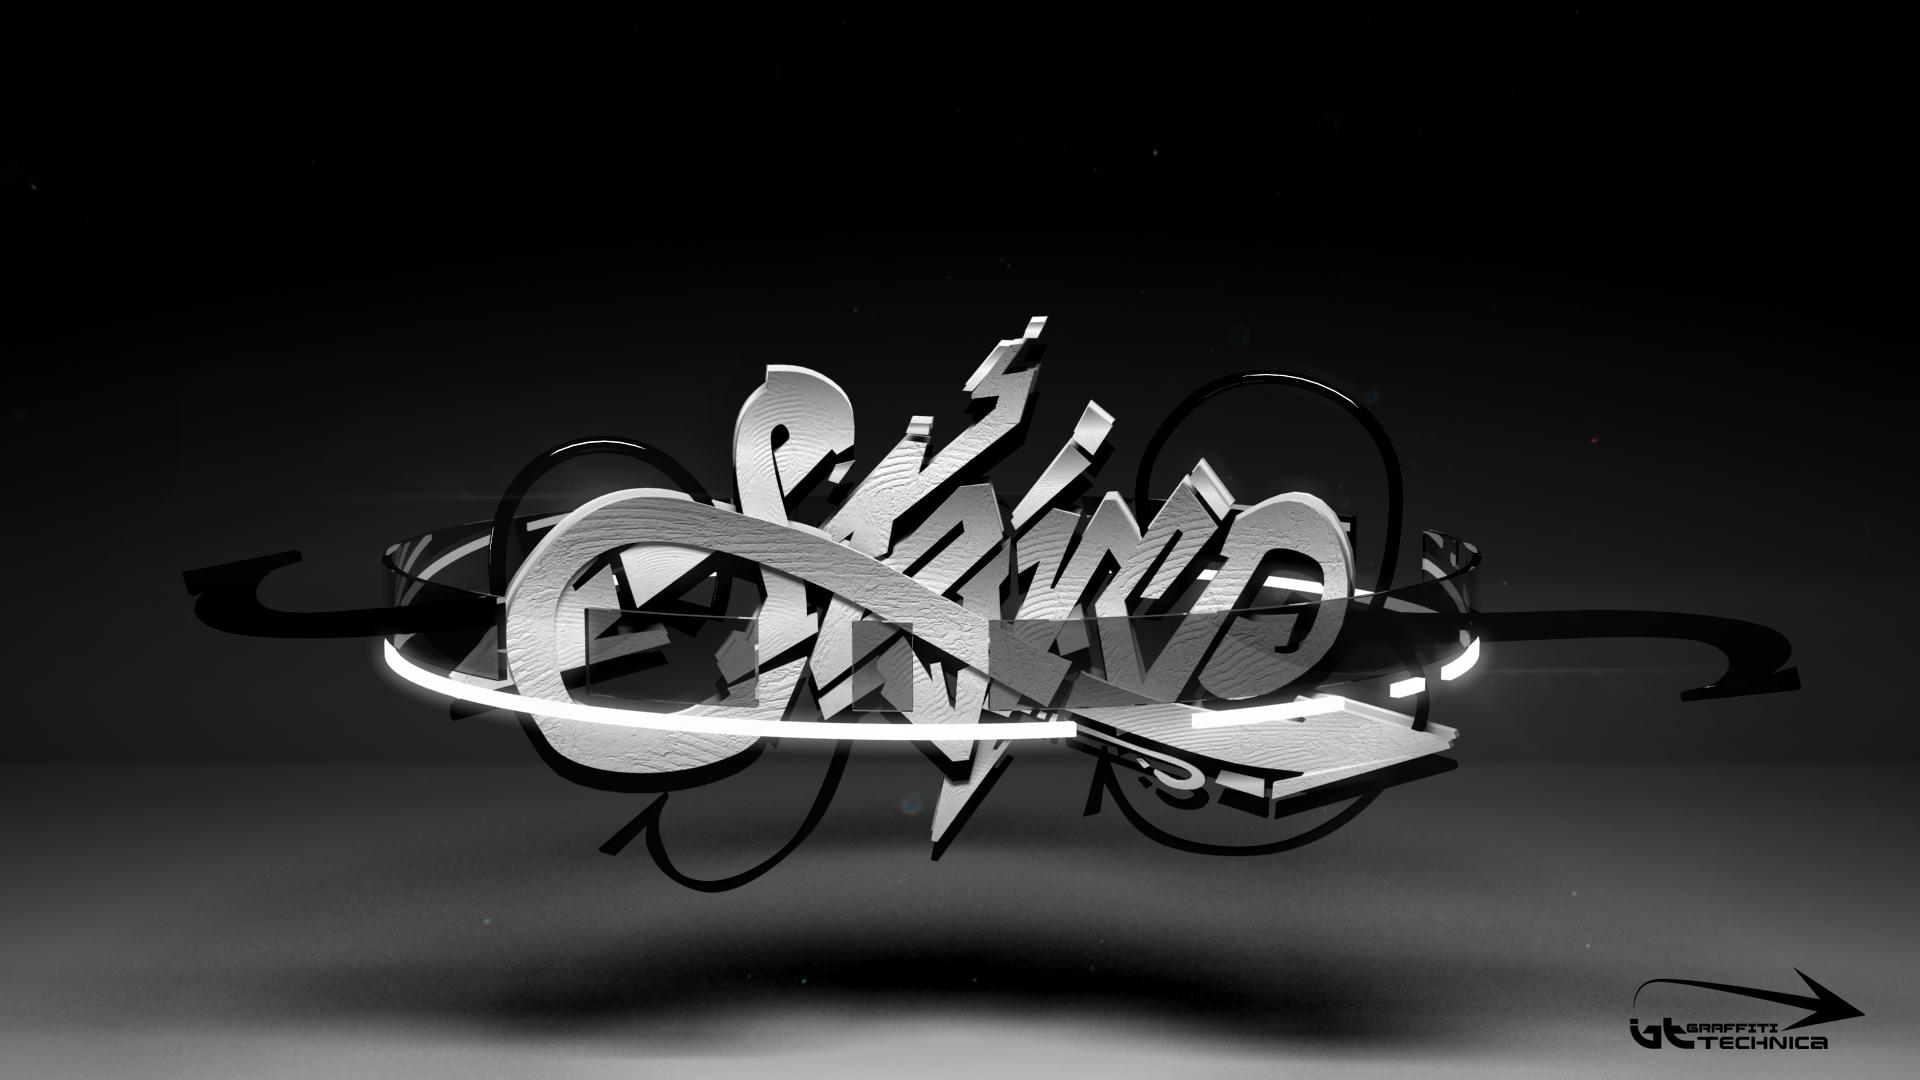 Graffiti graffiti 3d graffiti creator graffiti font graffiti wallpaper 1920x1080